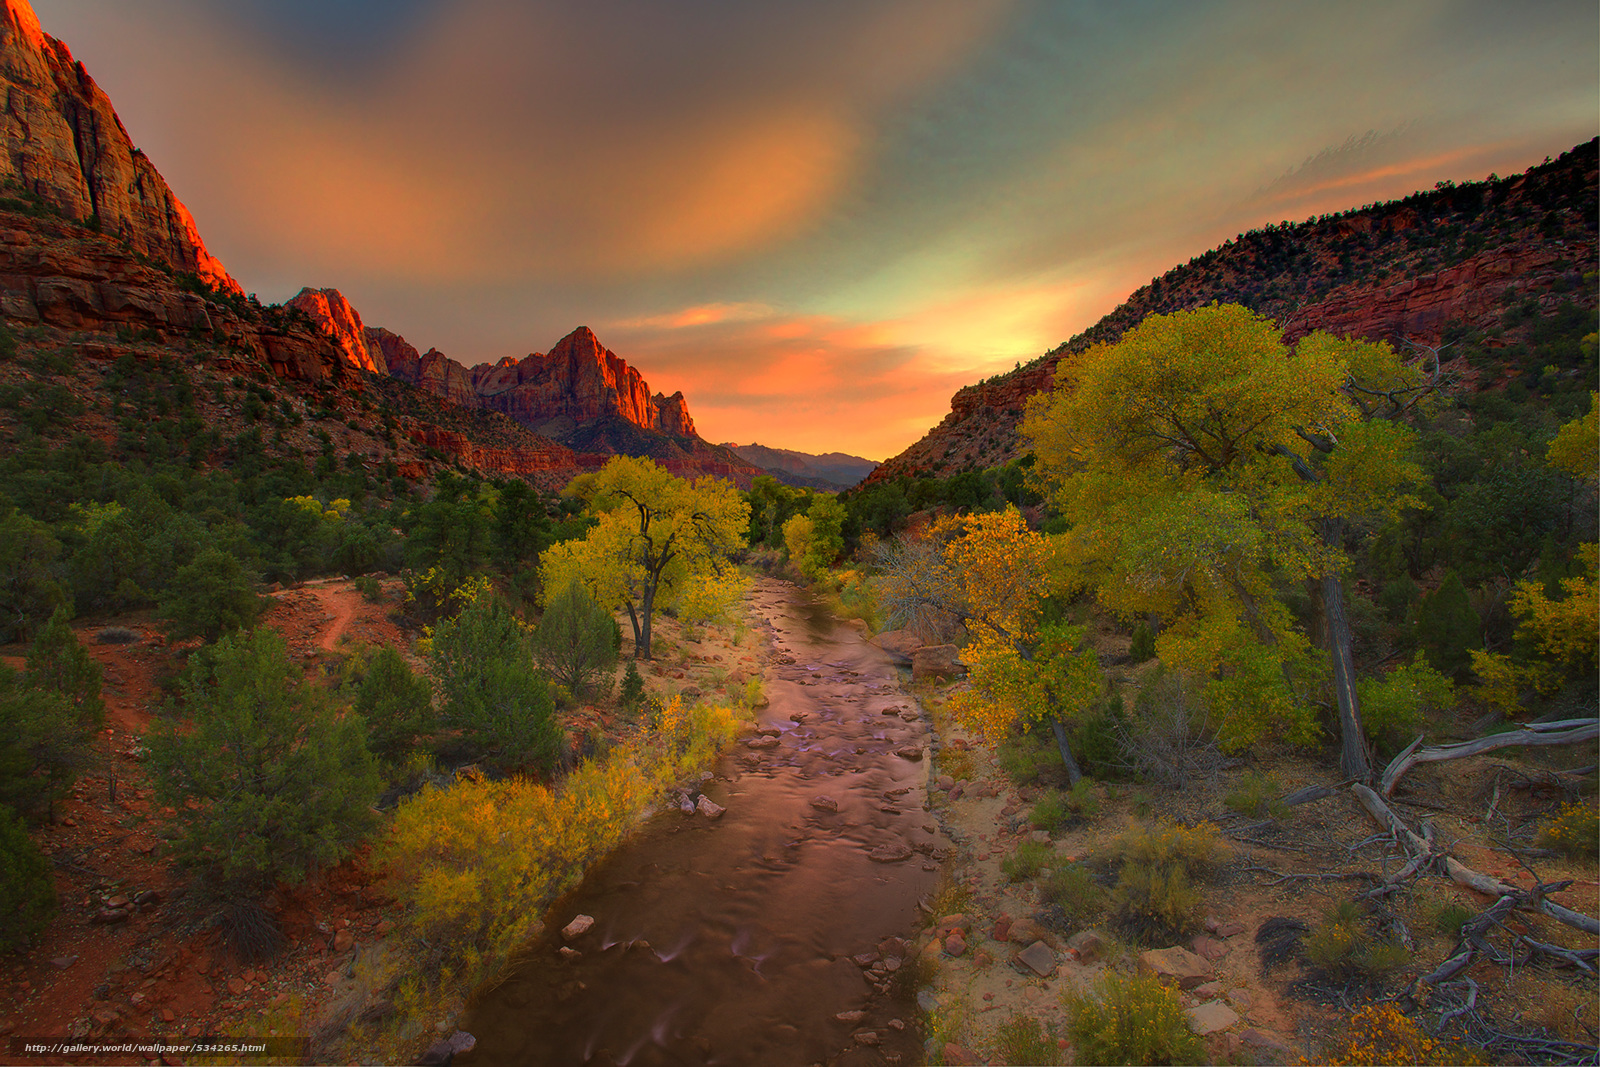 壁紙をダウンロード 見張りから広い視野 - 夜警,  ザイオン国立公園,  ユタ州 デスクトップの解像度のための無料壁紙 3000x2001 — 絵 №534265